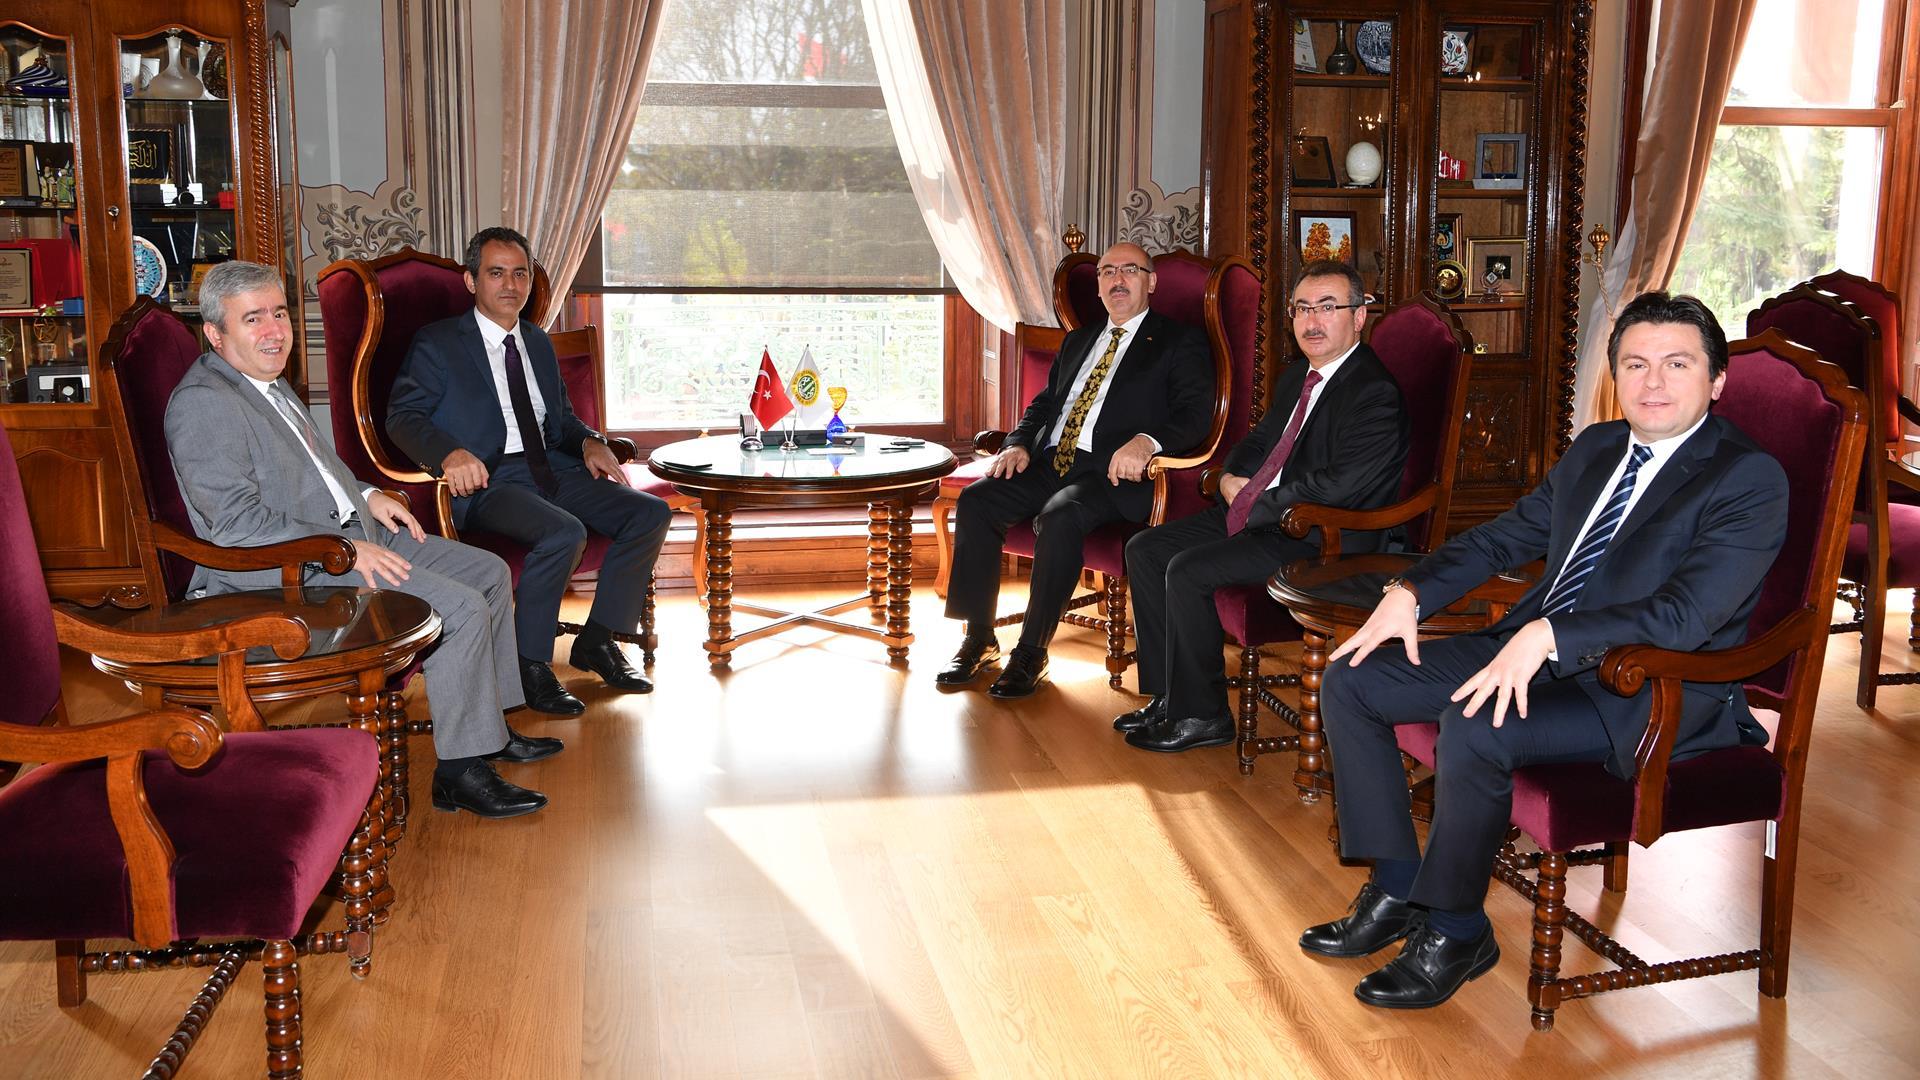 İstanbul-Teknokent-ENTERTECH-ile-Millî-Eğitim-Bakanlığı-Mesleki-ve-Teknik-Eğitim-Genel-Müdürlüğü-Arasında-İş-Birliği-Protokolü-İmzalandı